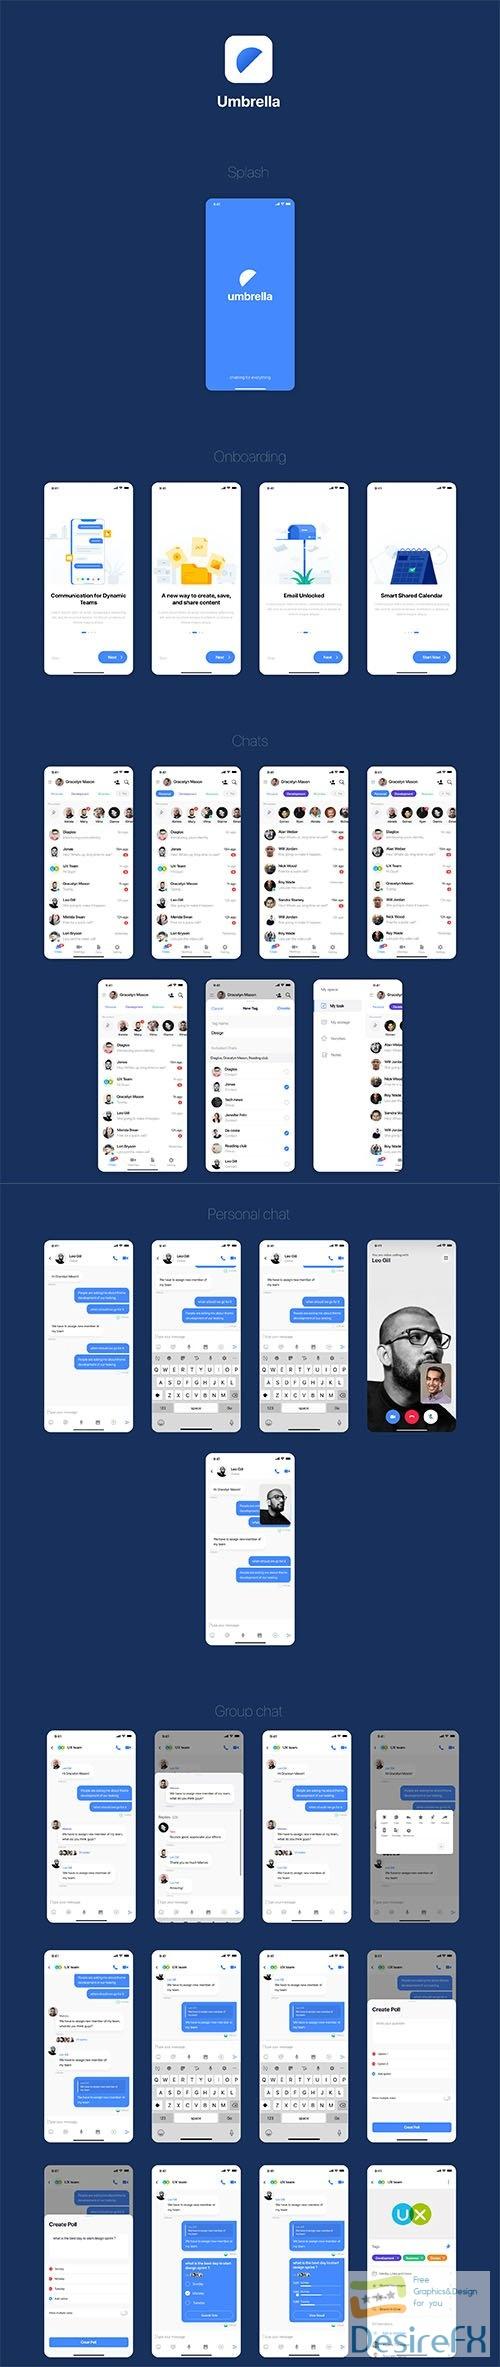 umbrella chat app UI kit - UI8